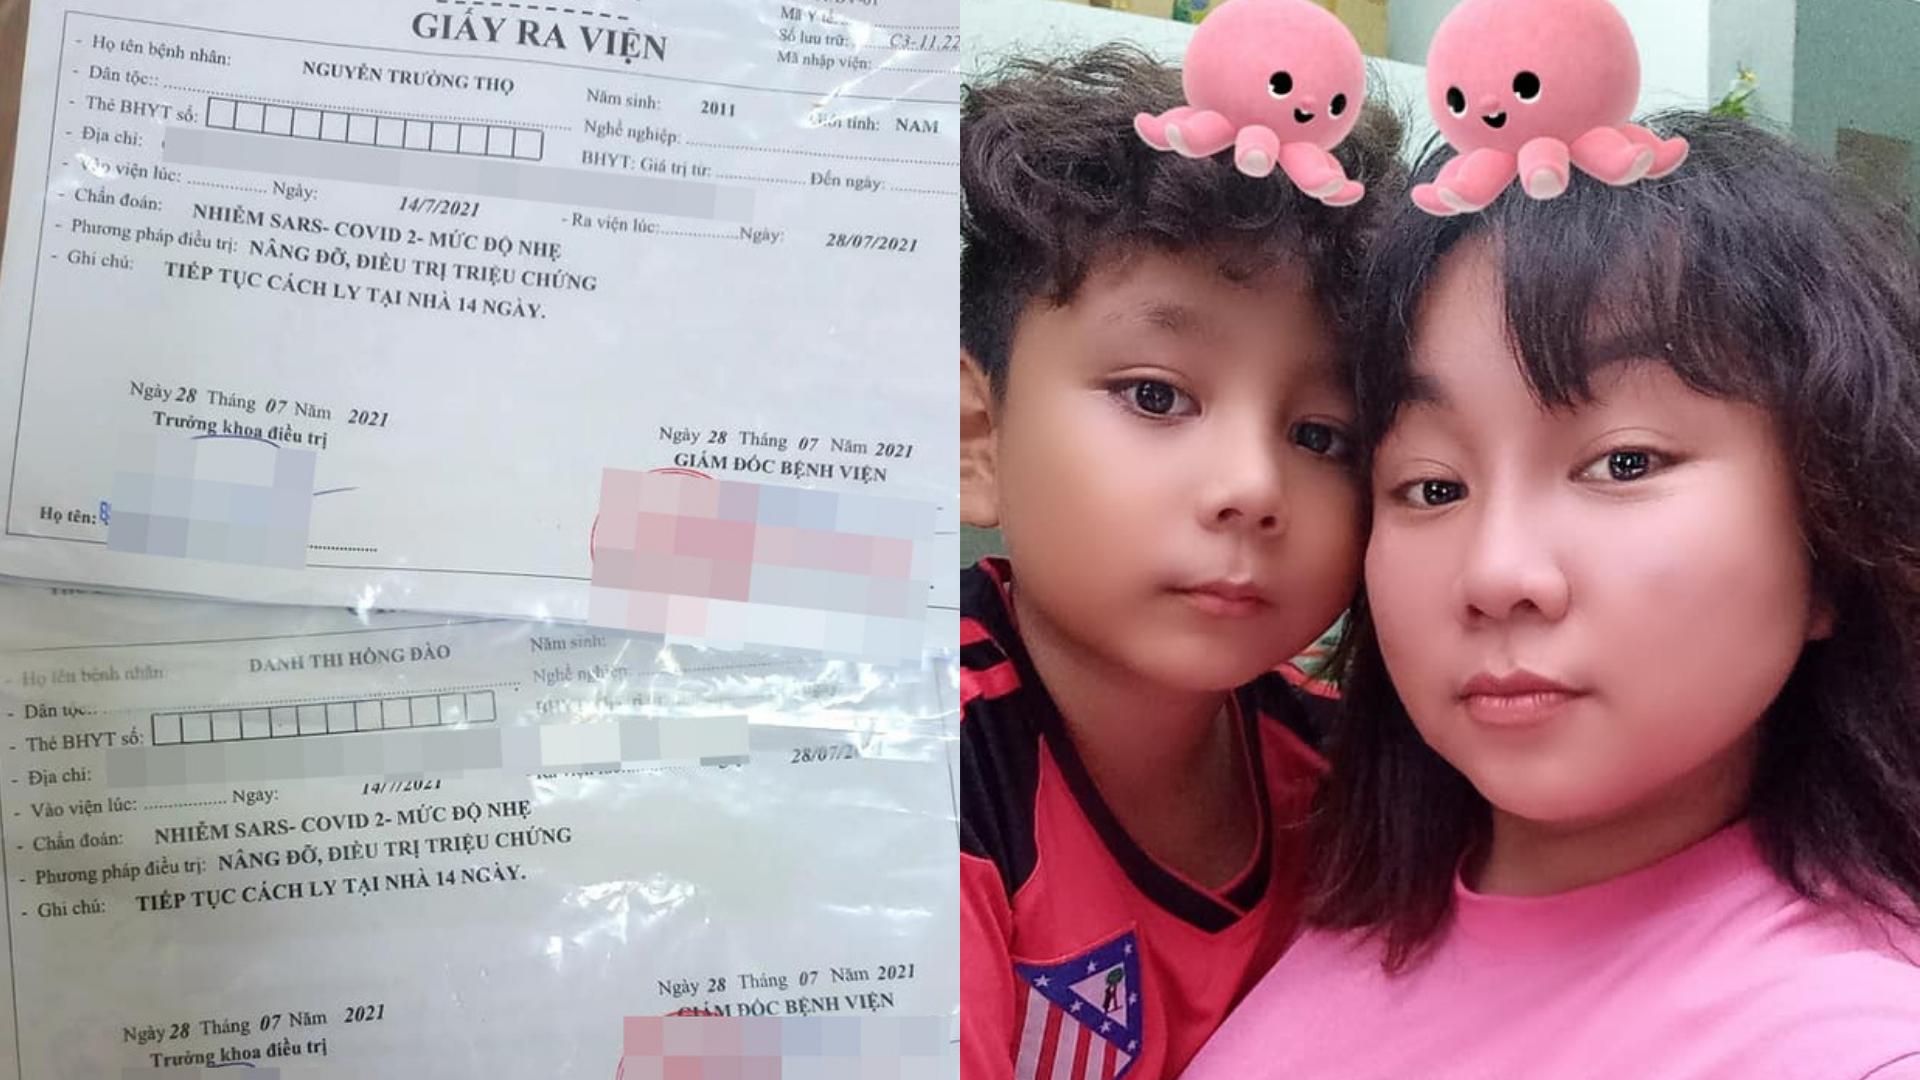 Diễn viên Kim Đào cùng cậu con trai 10 tuổi đã chữa khỏi Covid-19 sau 14 ngày điều trị